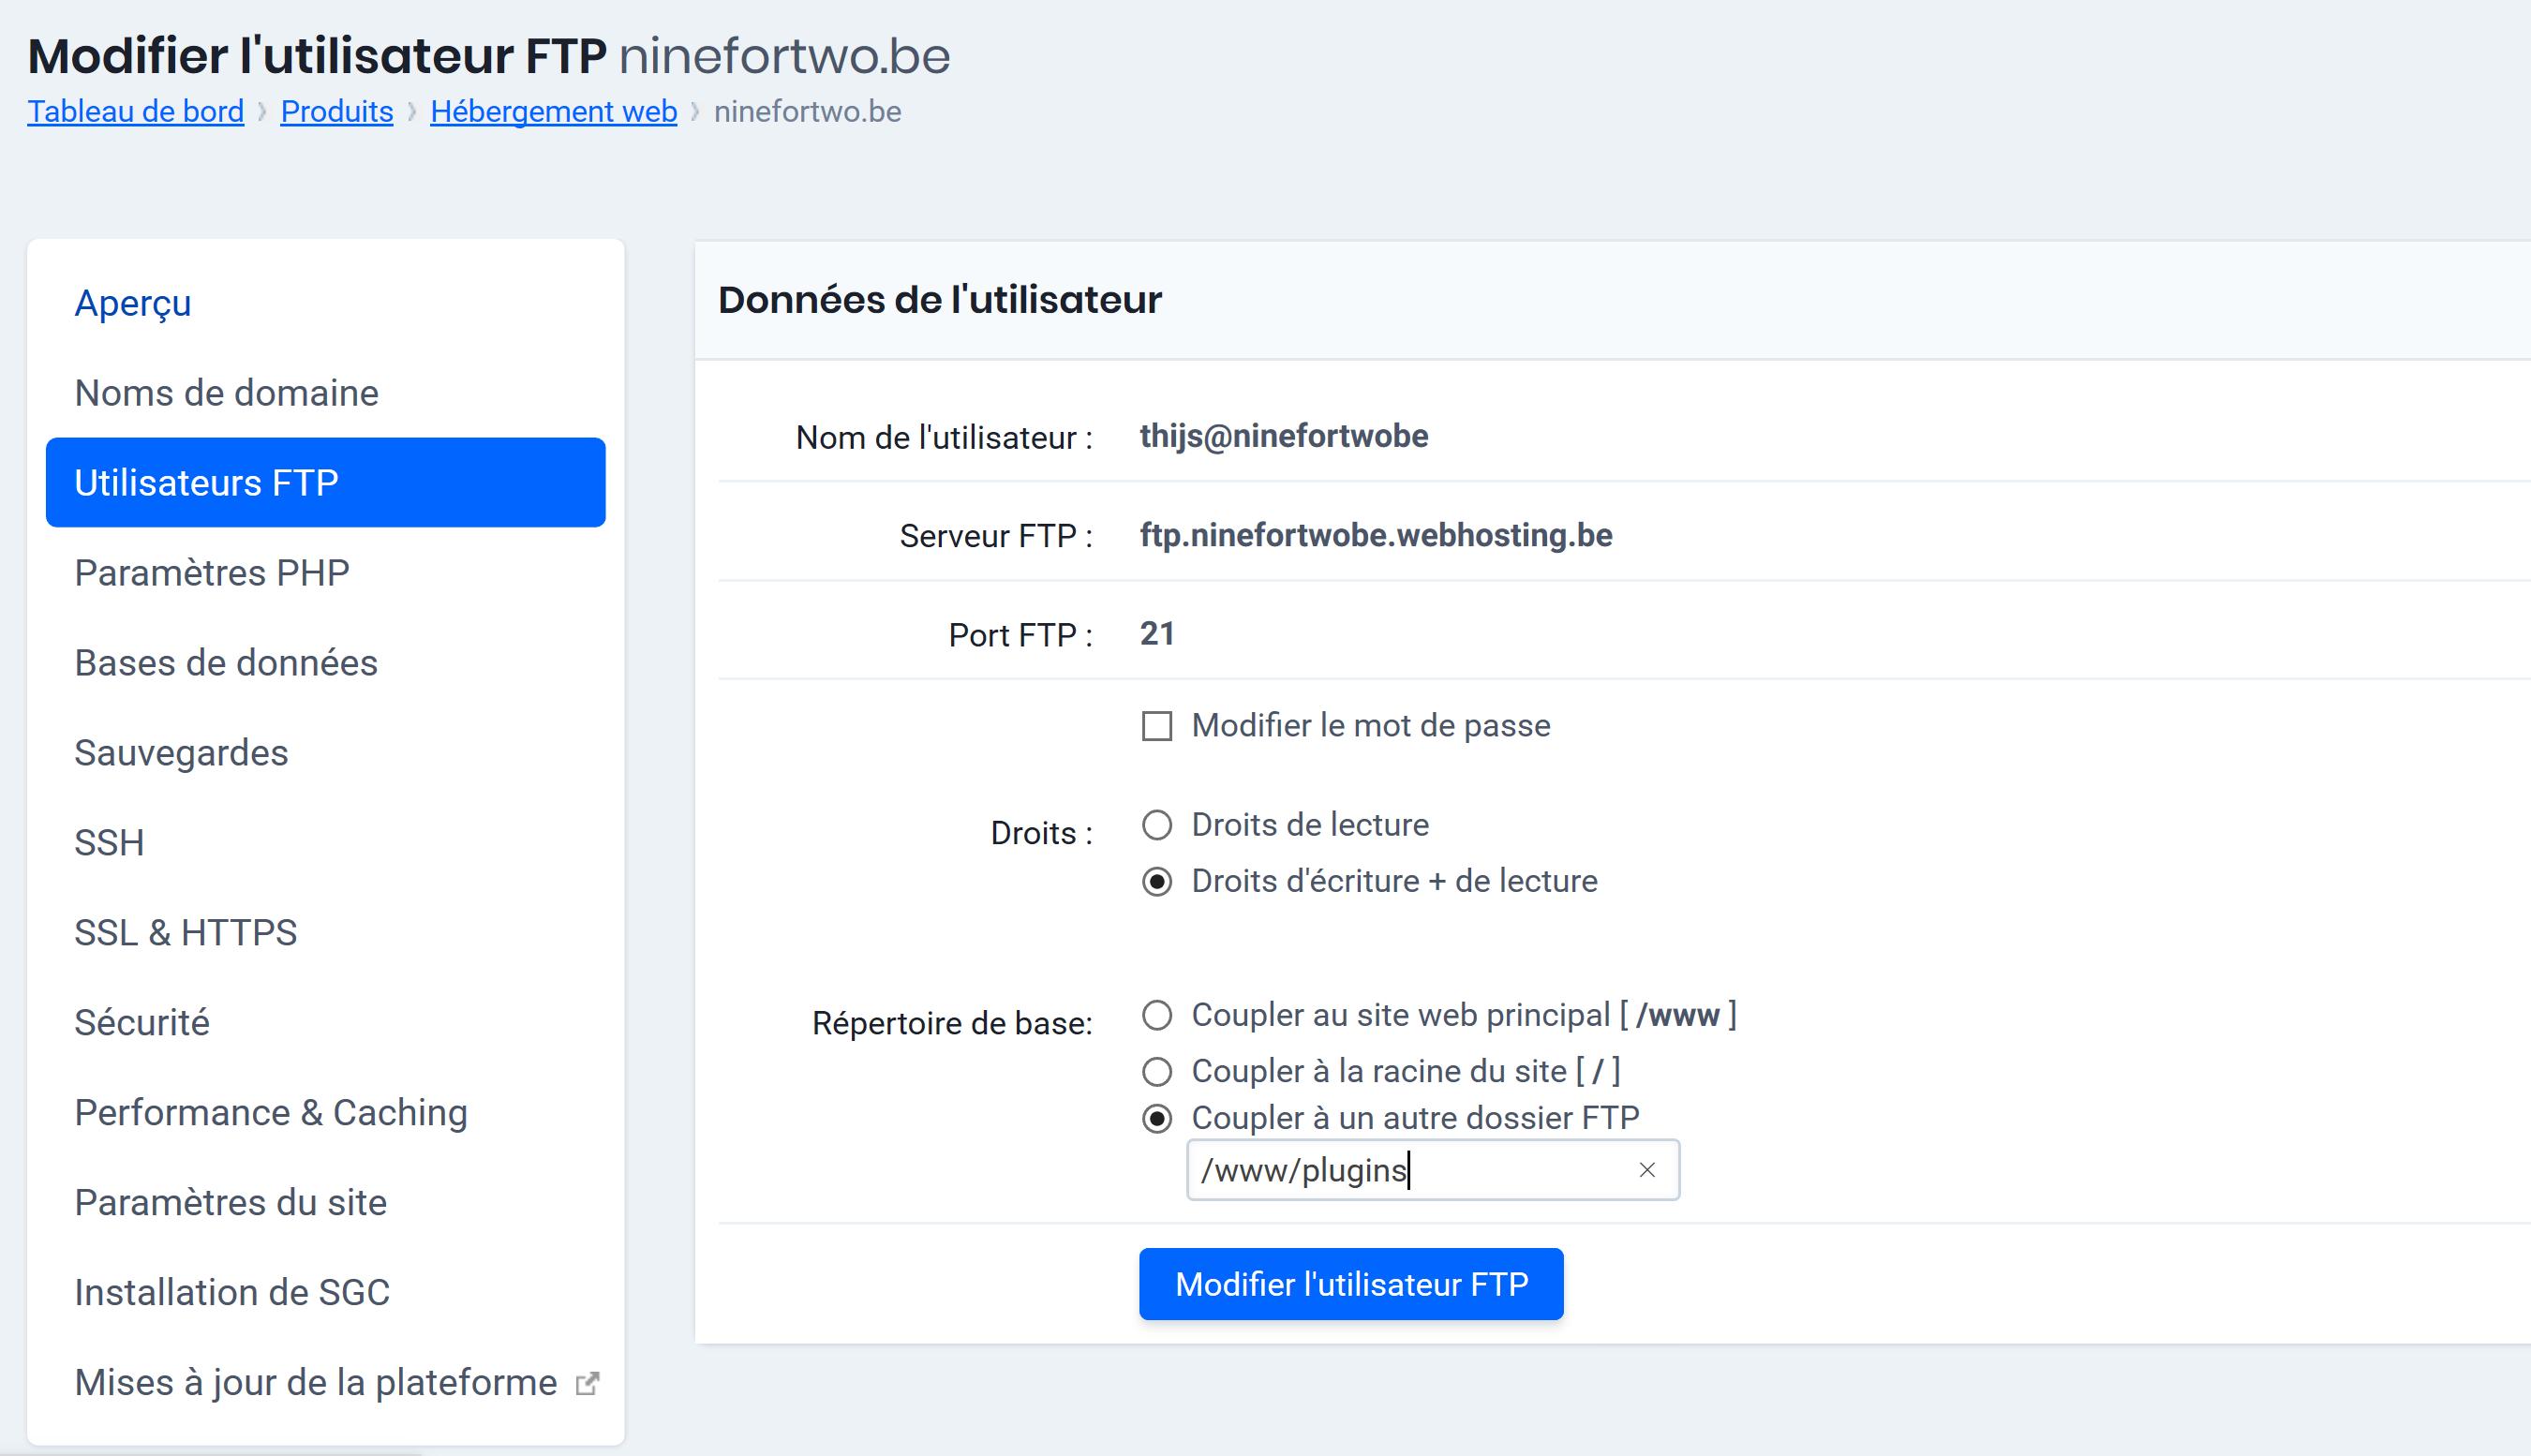 'Utilisateurs FTP' > 'Répertoire de base' > 'Coupler & un autre dossier FTP'